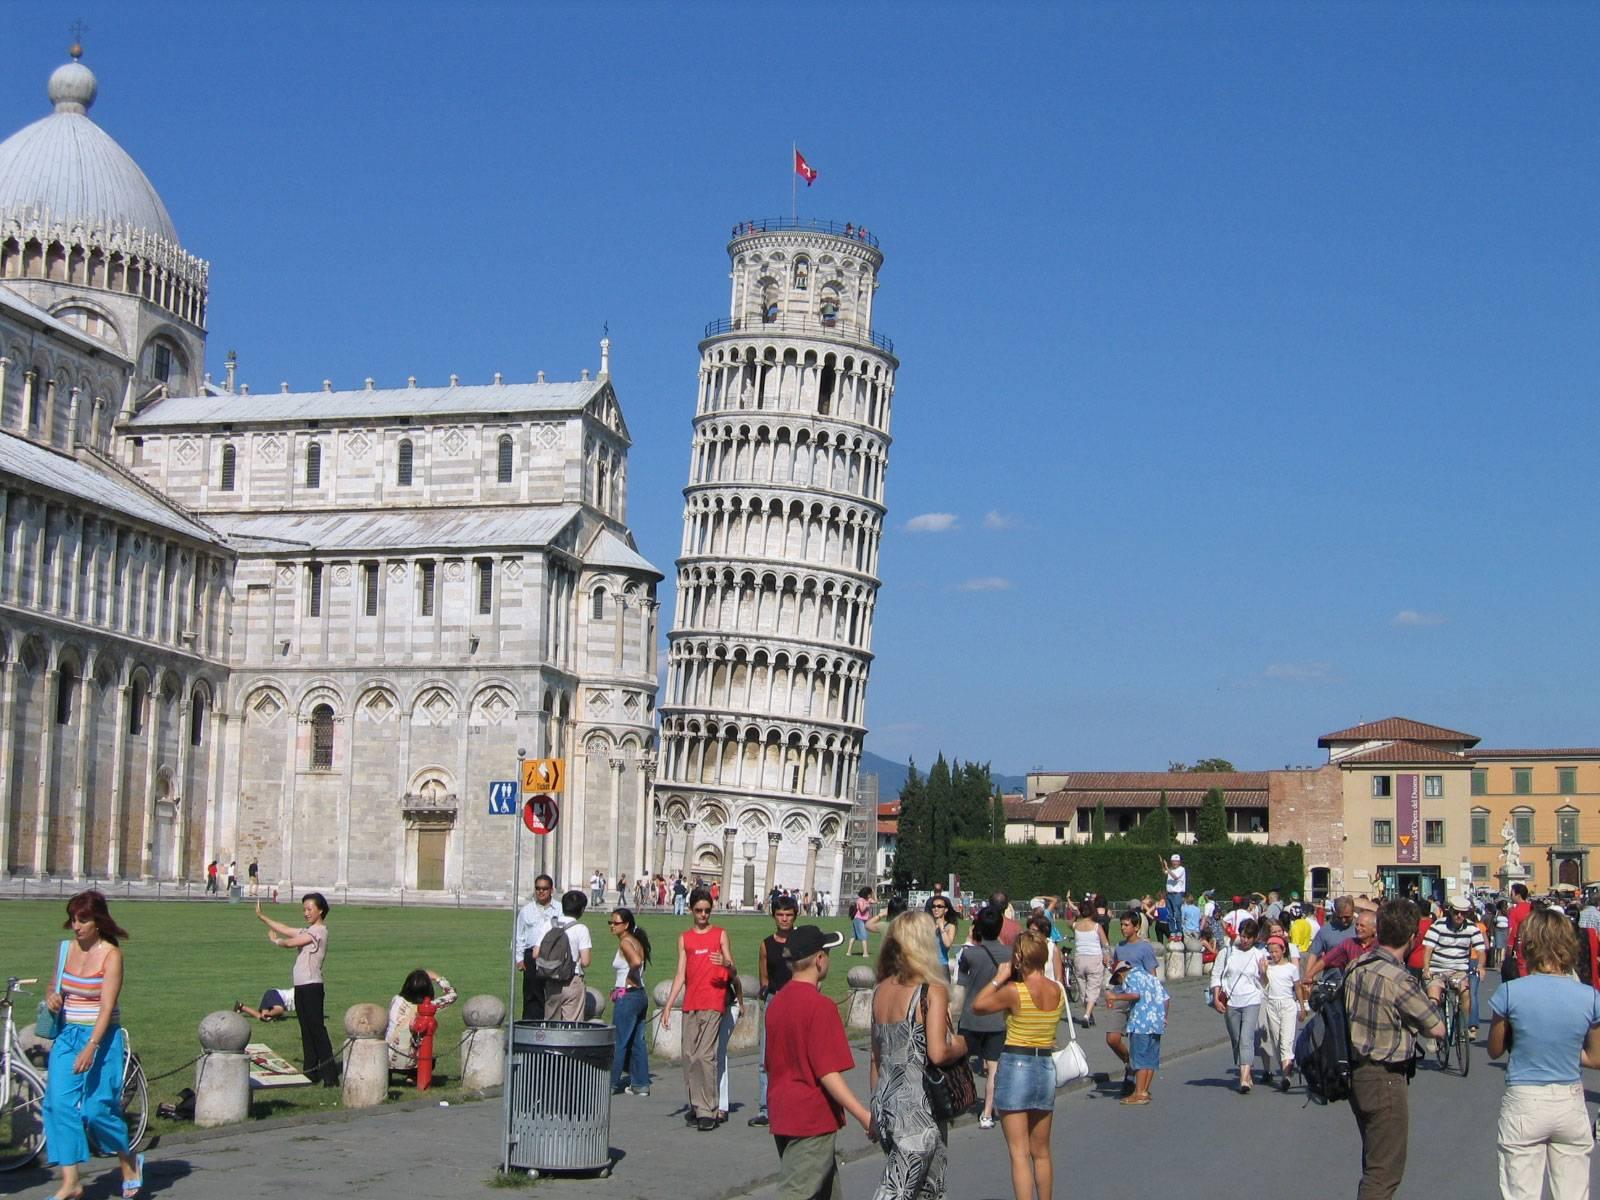 Лучшие достопримечательности италии | город сочи. актуальная информация про жизнь и отдых на курорте